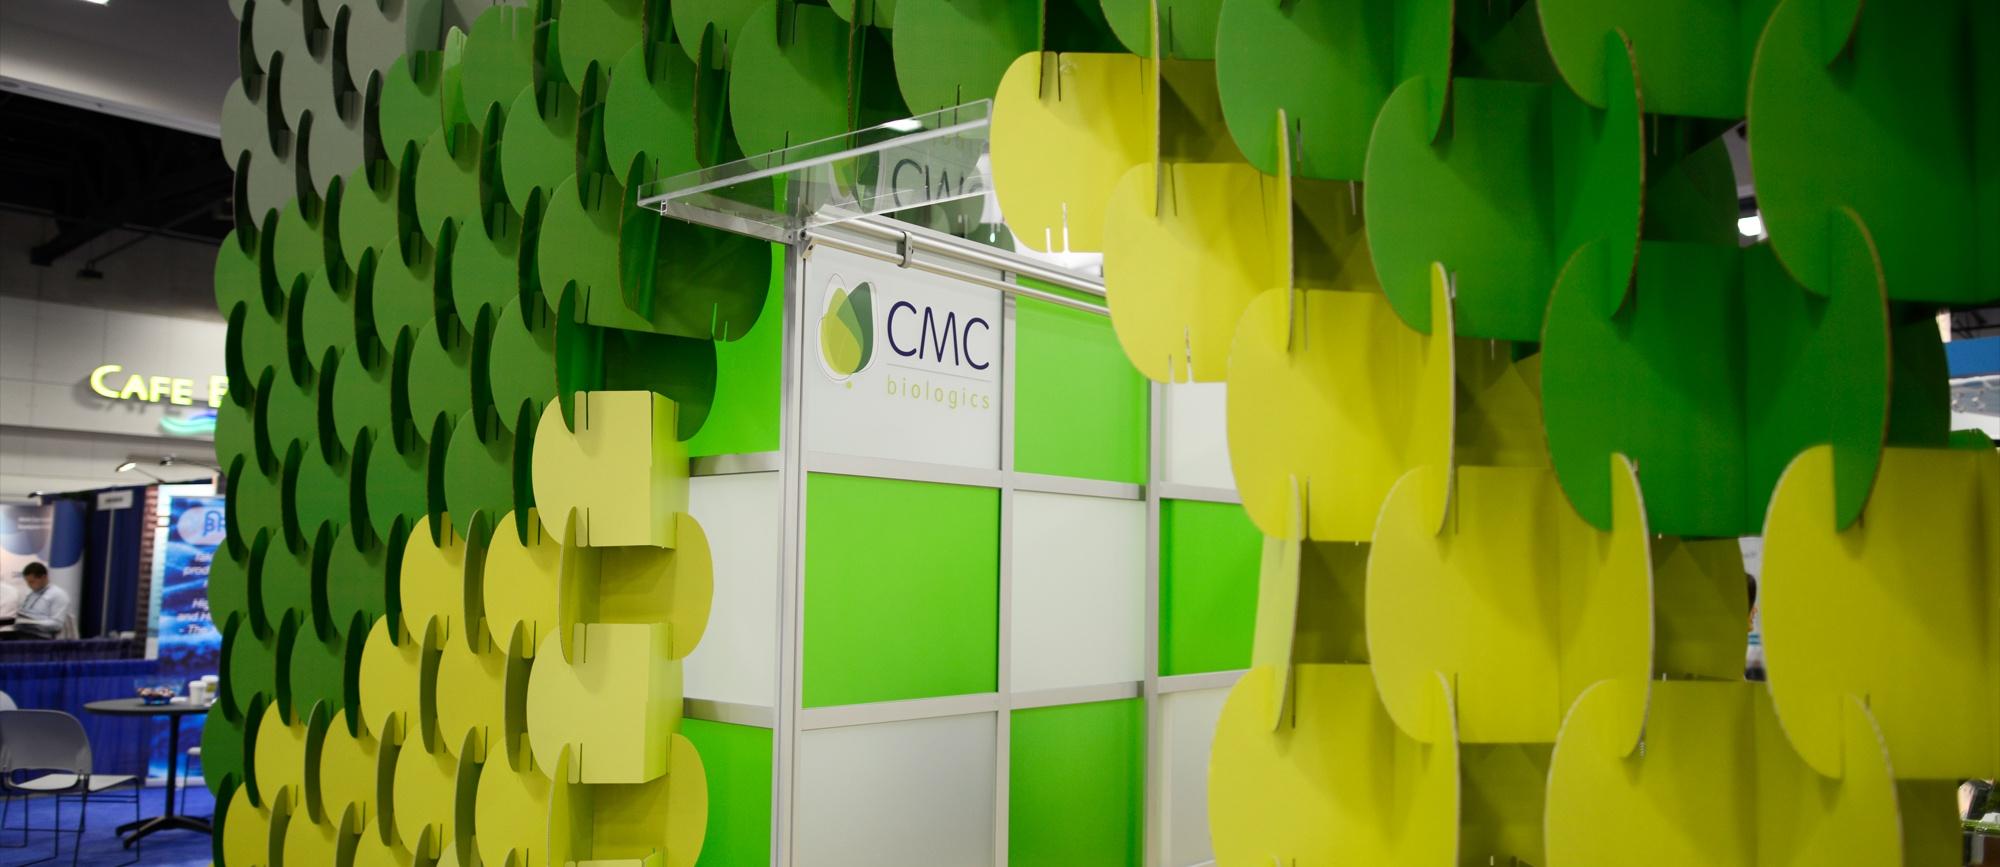 CMC Biologics